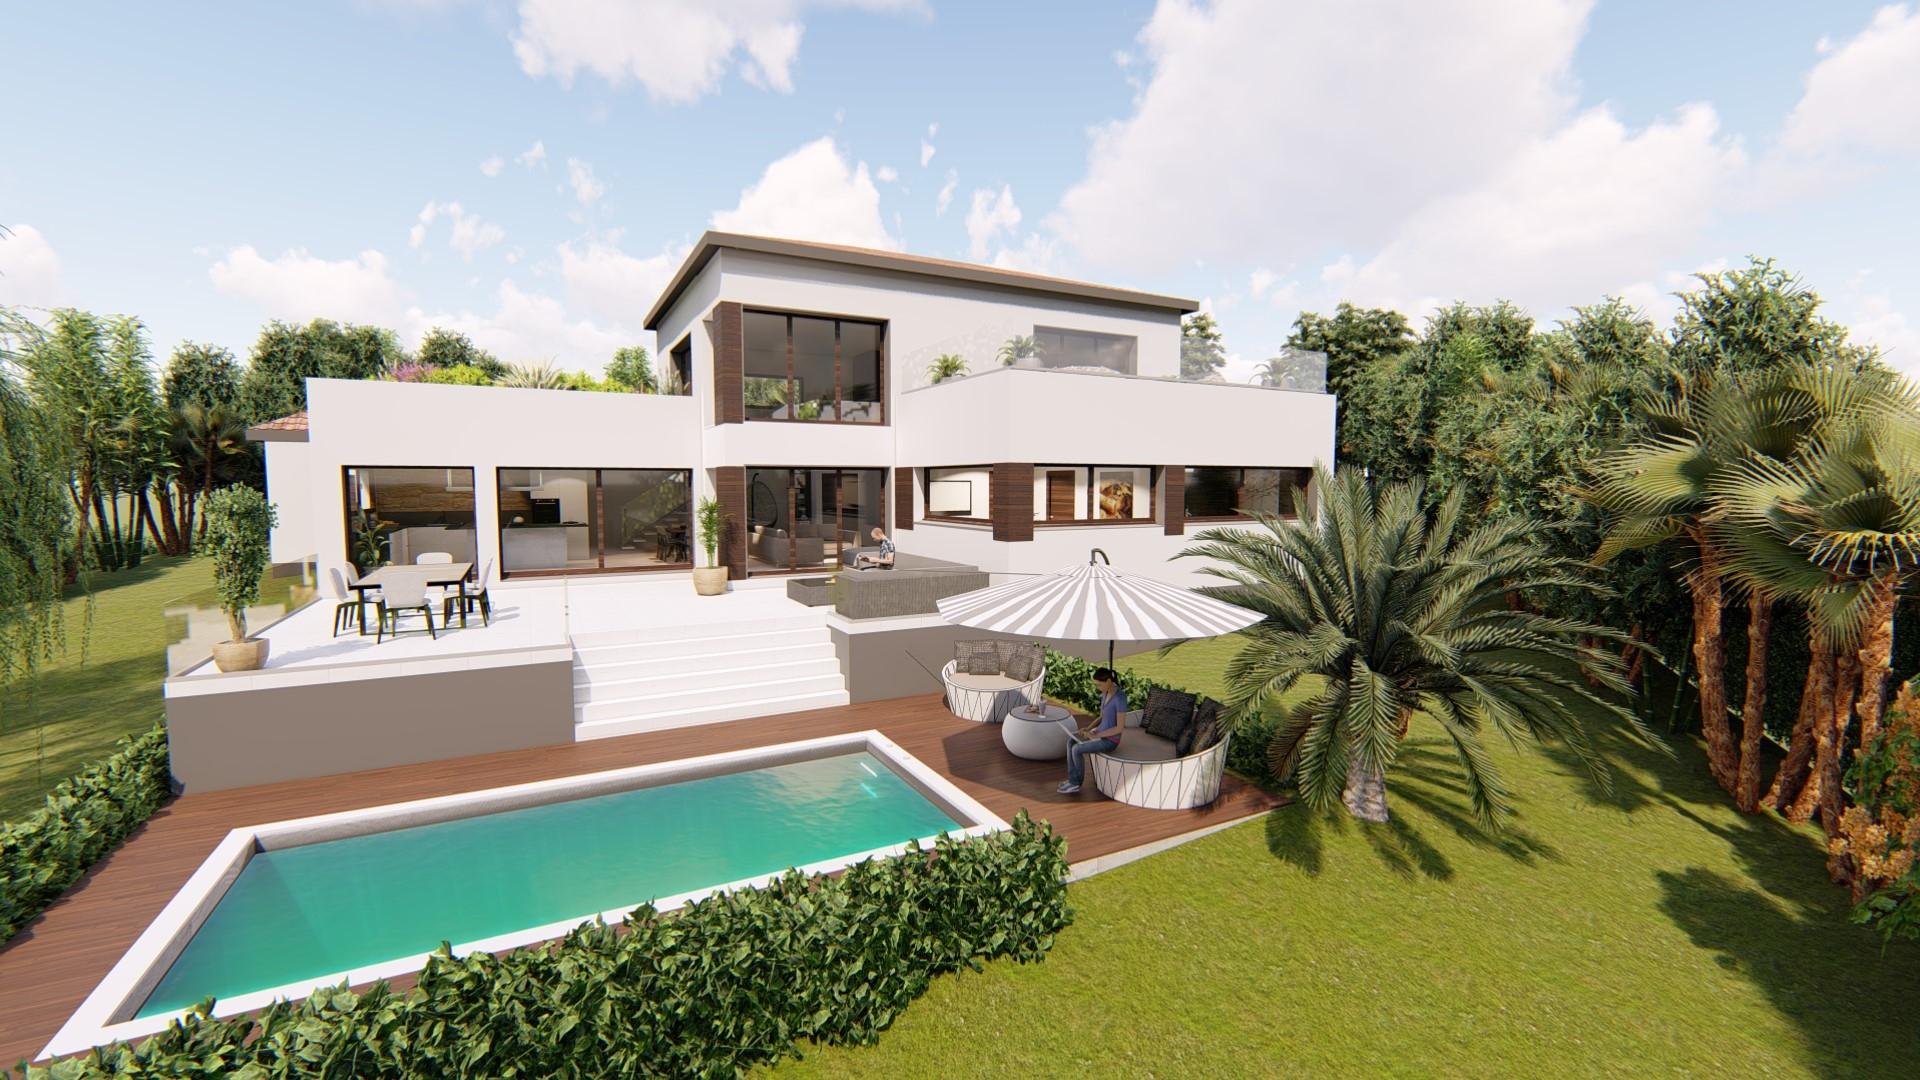 Maisons + Terrains du constructeur VILLAS SUD CREATION • 180 m² • CASTANET TOLOSAN